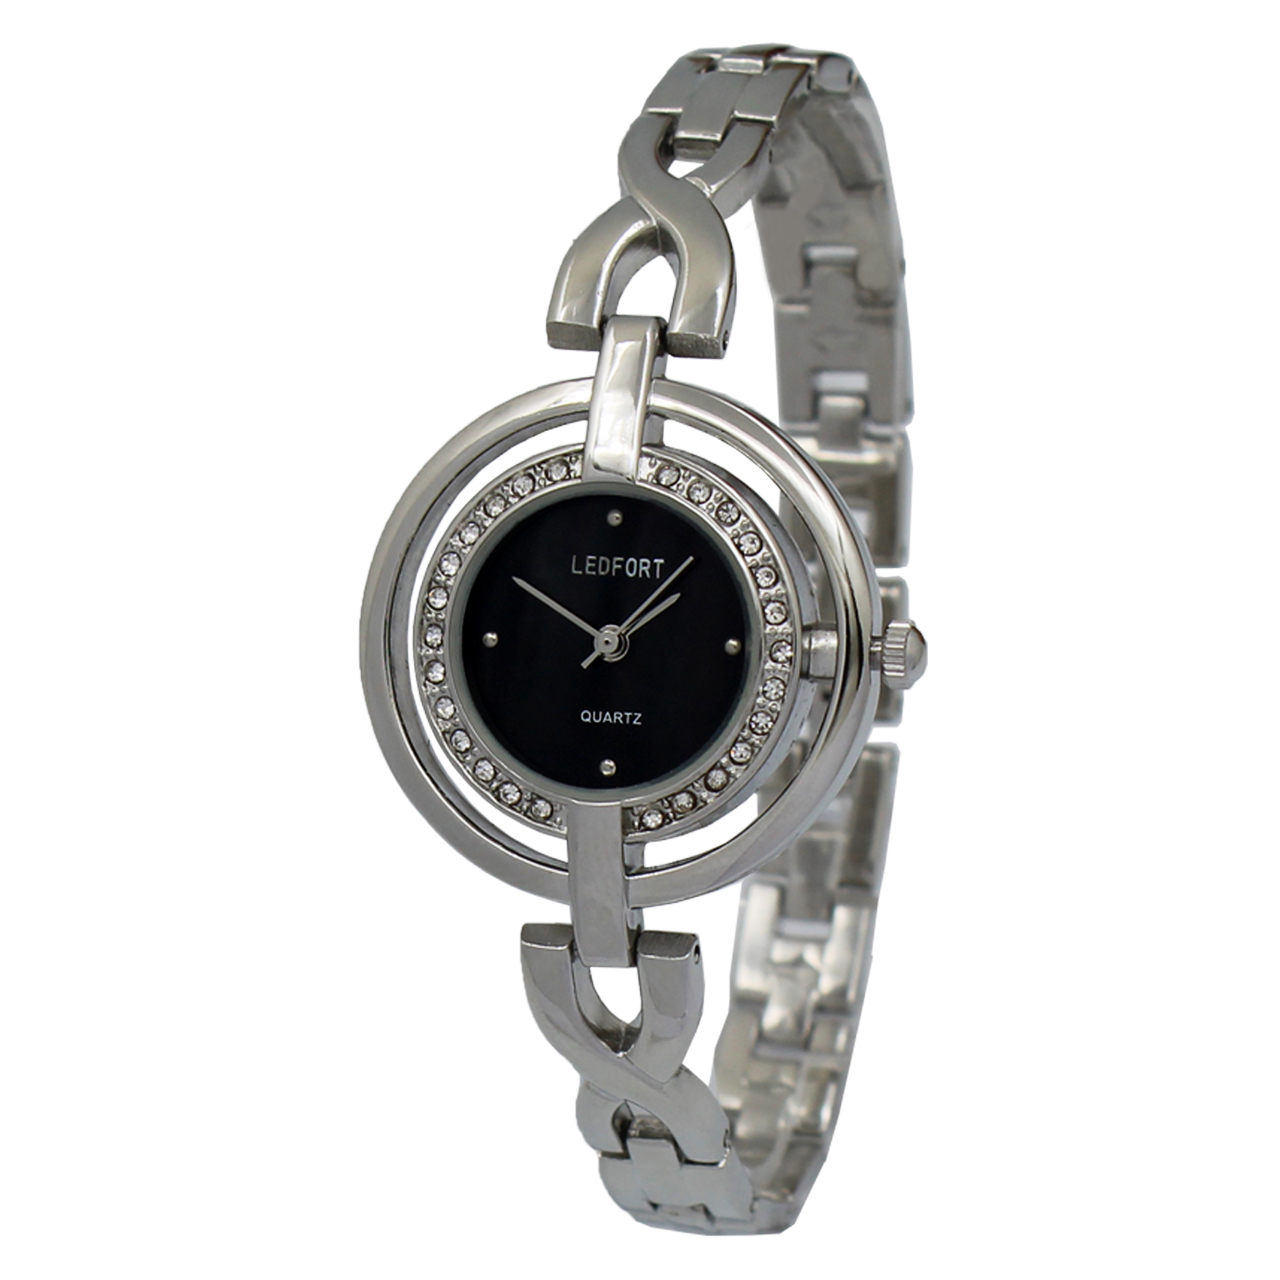 ساعت مچی عقربه ای زنانه لدفورت مدل DGZU-0166 32